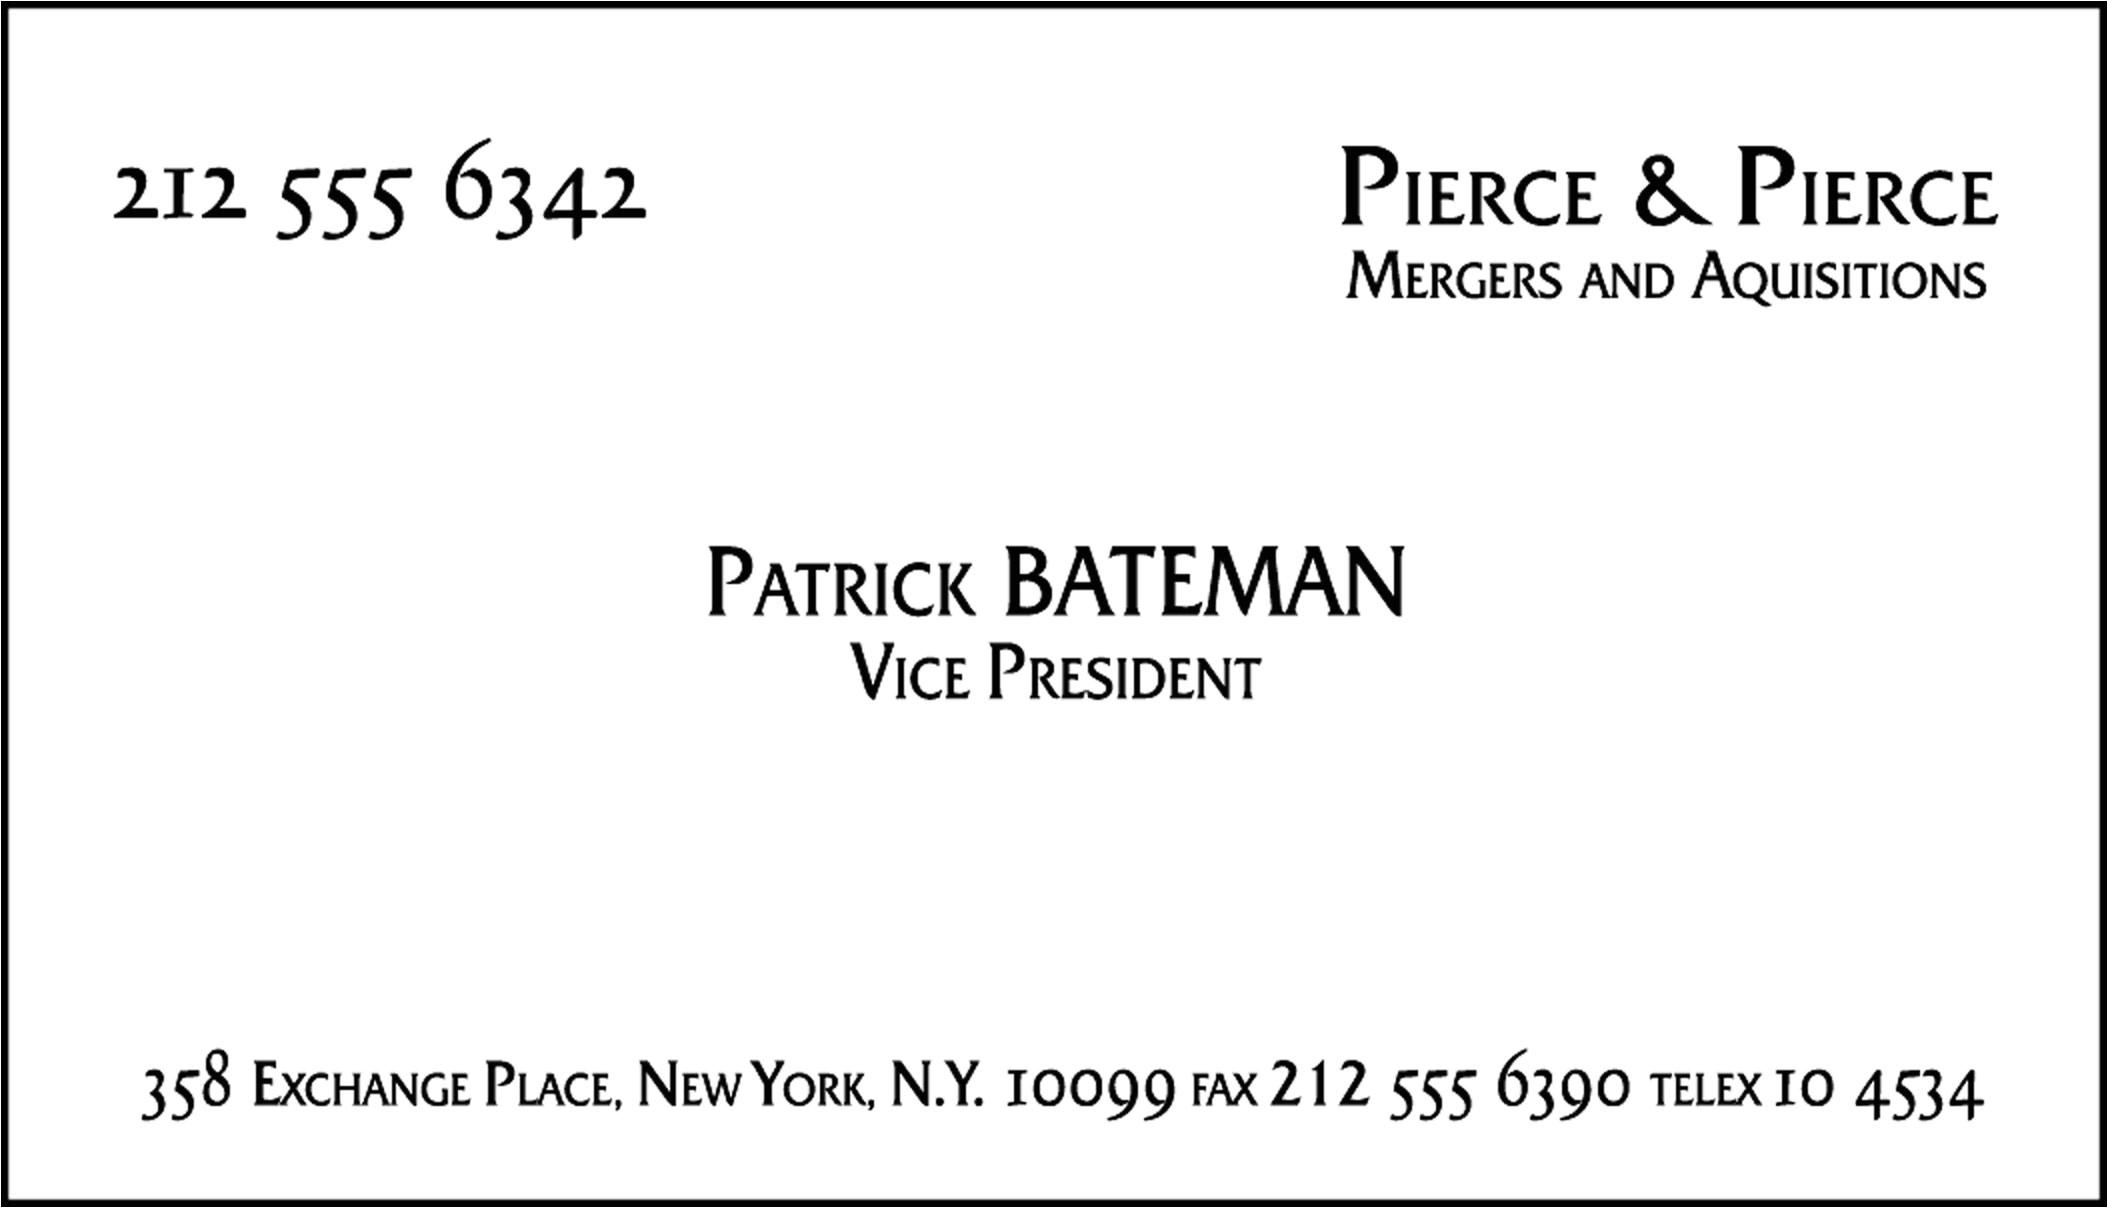 Patrick Bateman Business Card Template 100th Post top 100 Movie Props Memorabilia Plus Free